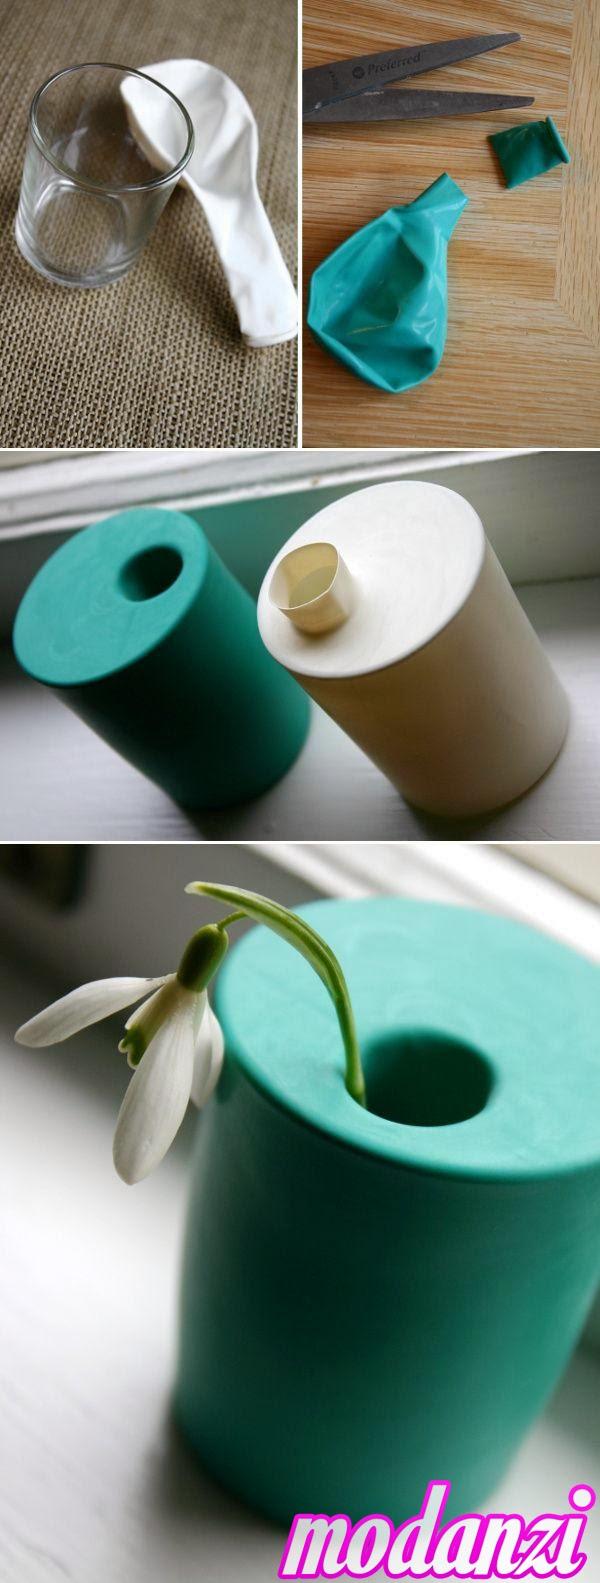 Balon ve Bardak ile Dekoratif Vazo Yapımı (Resimli Anlatım)